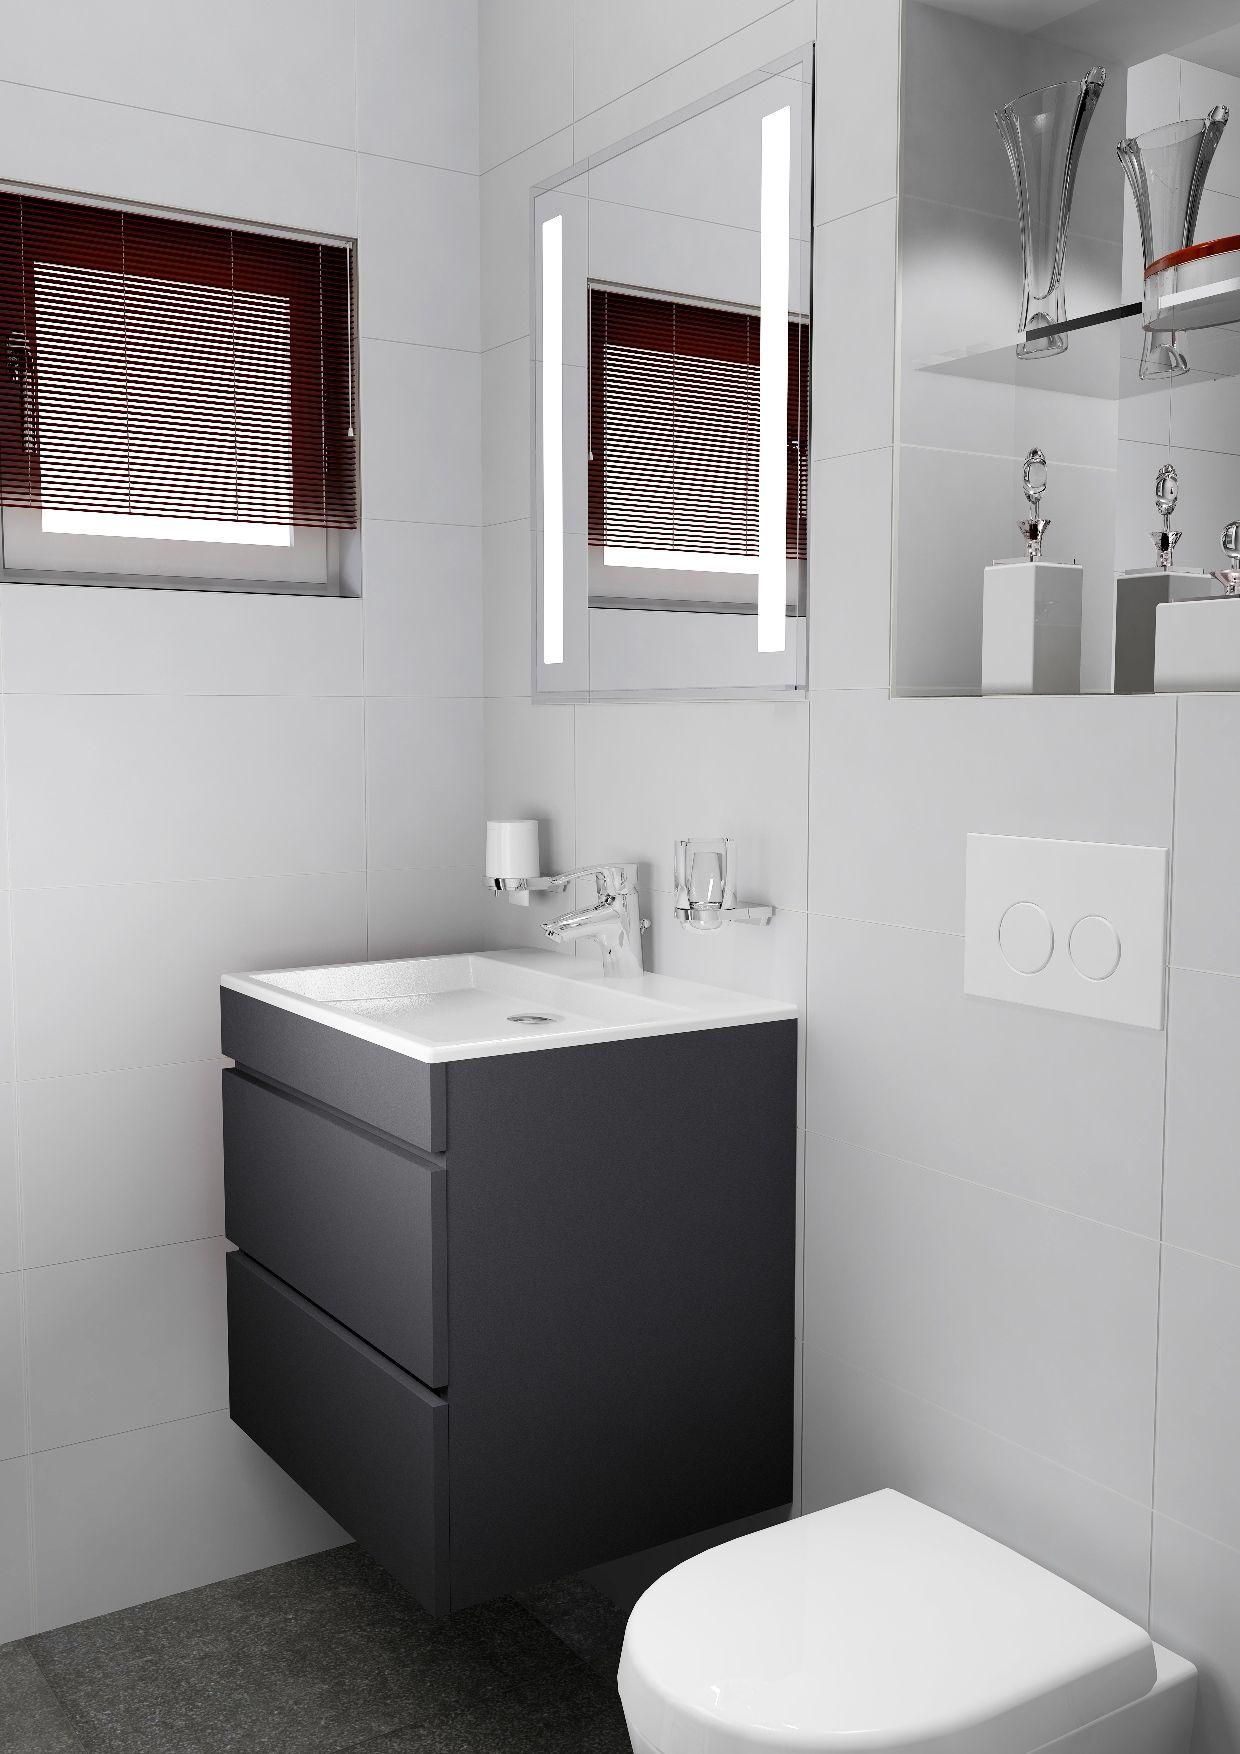 kleine badkamer met wastafelmeubel en naast het inbouwreservoir